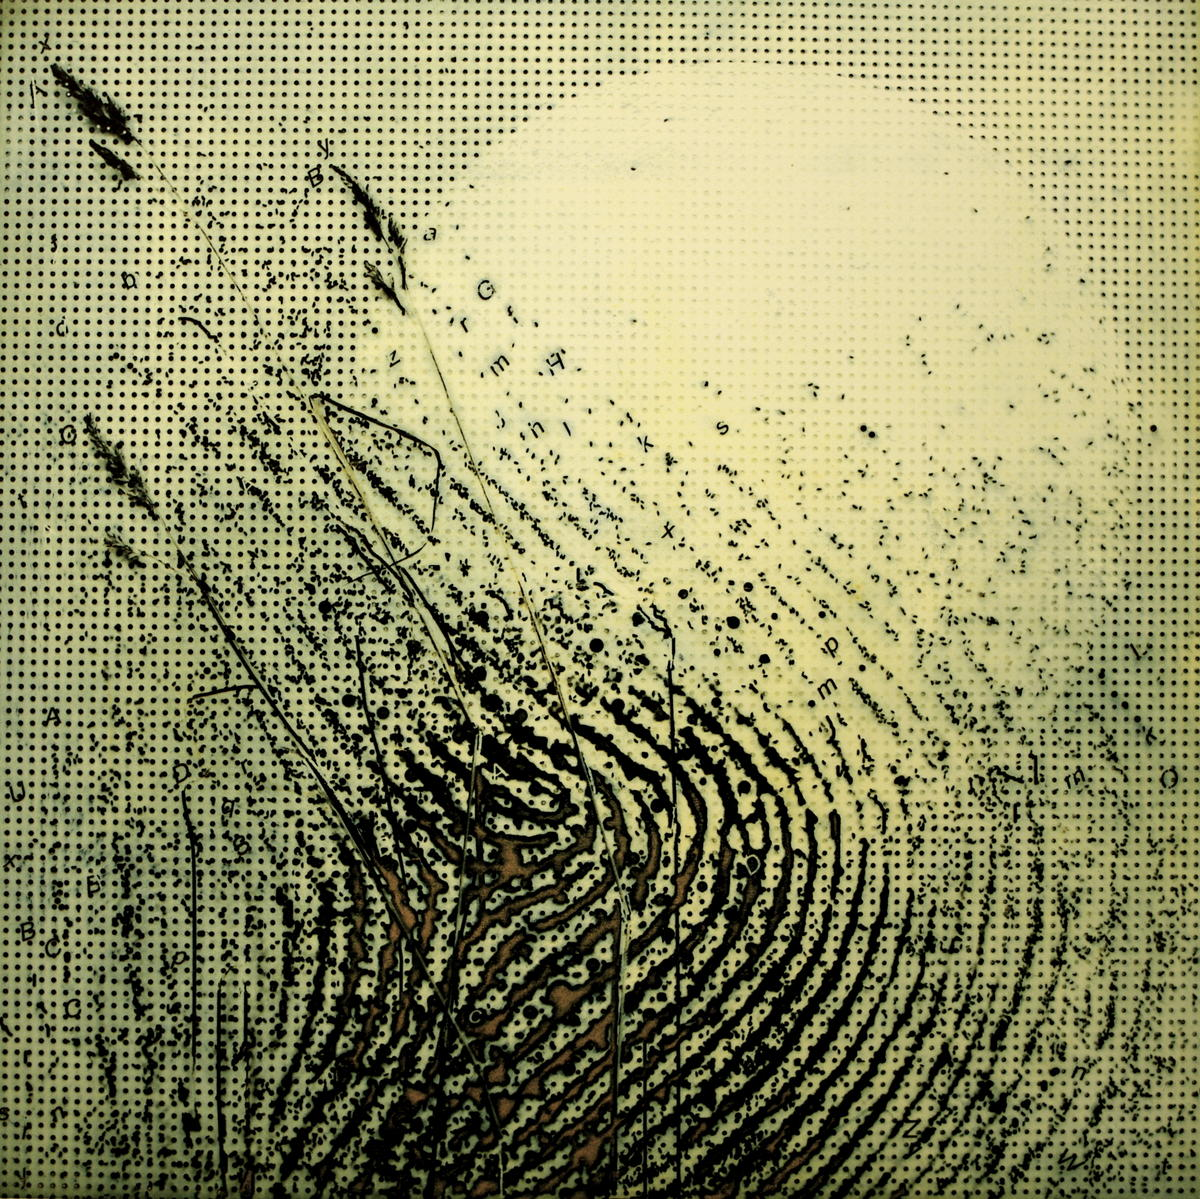 Fra kunstutstillingen «Spor av berøring» av Kjell Bendiksen